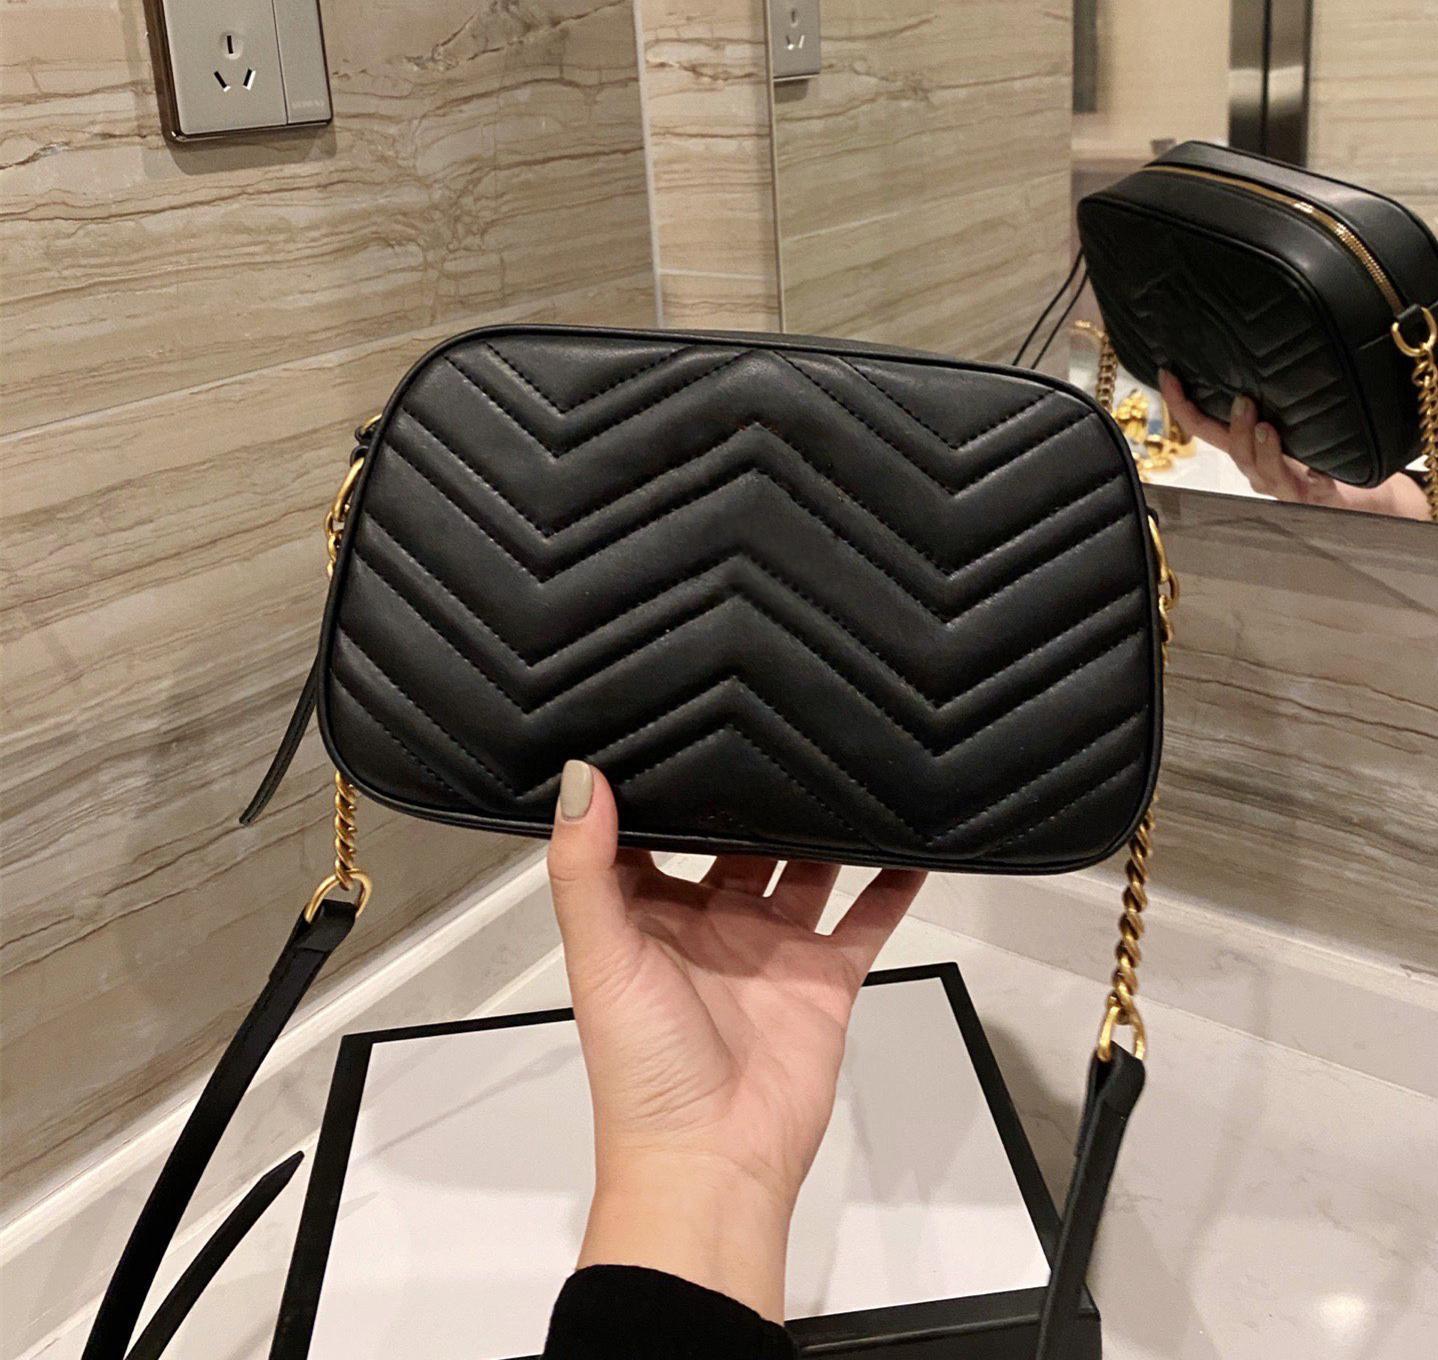 Alta Qualidade Luxurys G Designers Moda Mulheres Crossbody Bag Ombro Bolsas Carta Bolsa Senhoras Bolsa 2021 Correntes Cross Body Clutch Camera Bolsas